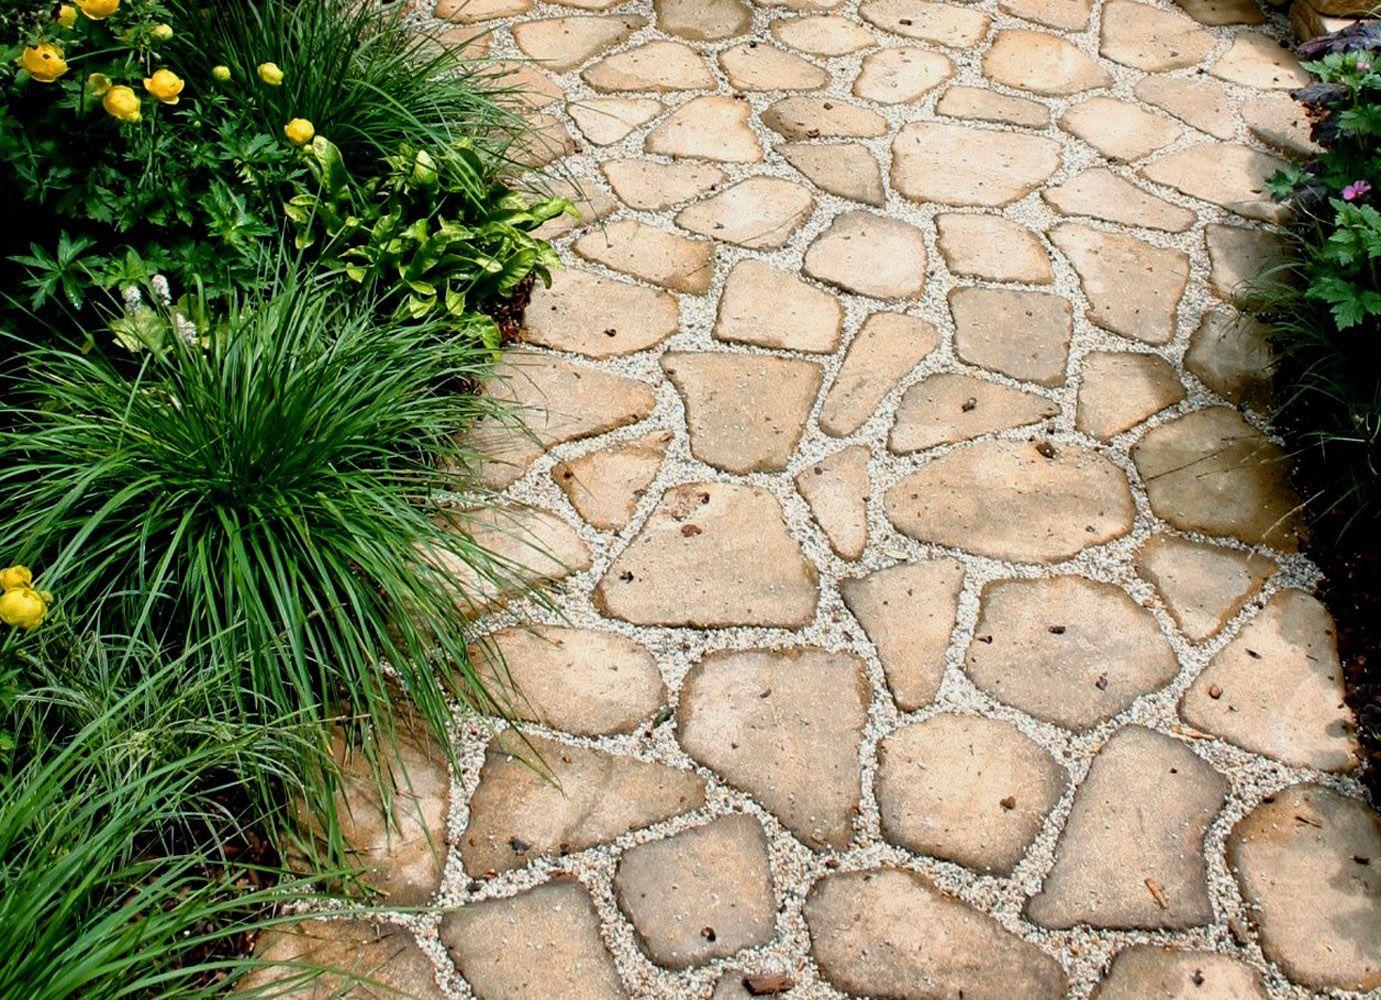 Фото - Прості способи укладання красивих садових доріжок з природних матеріалів